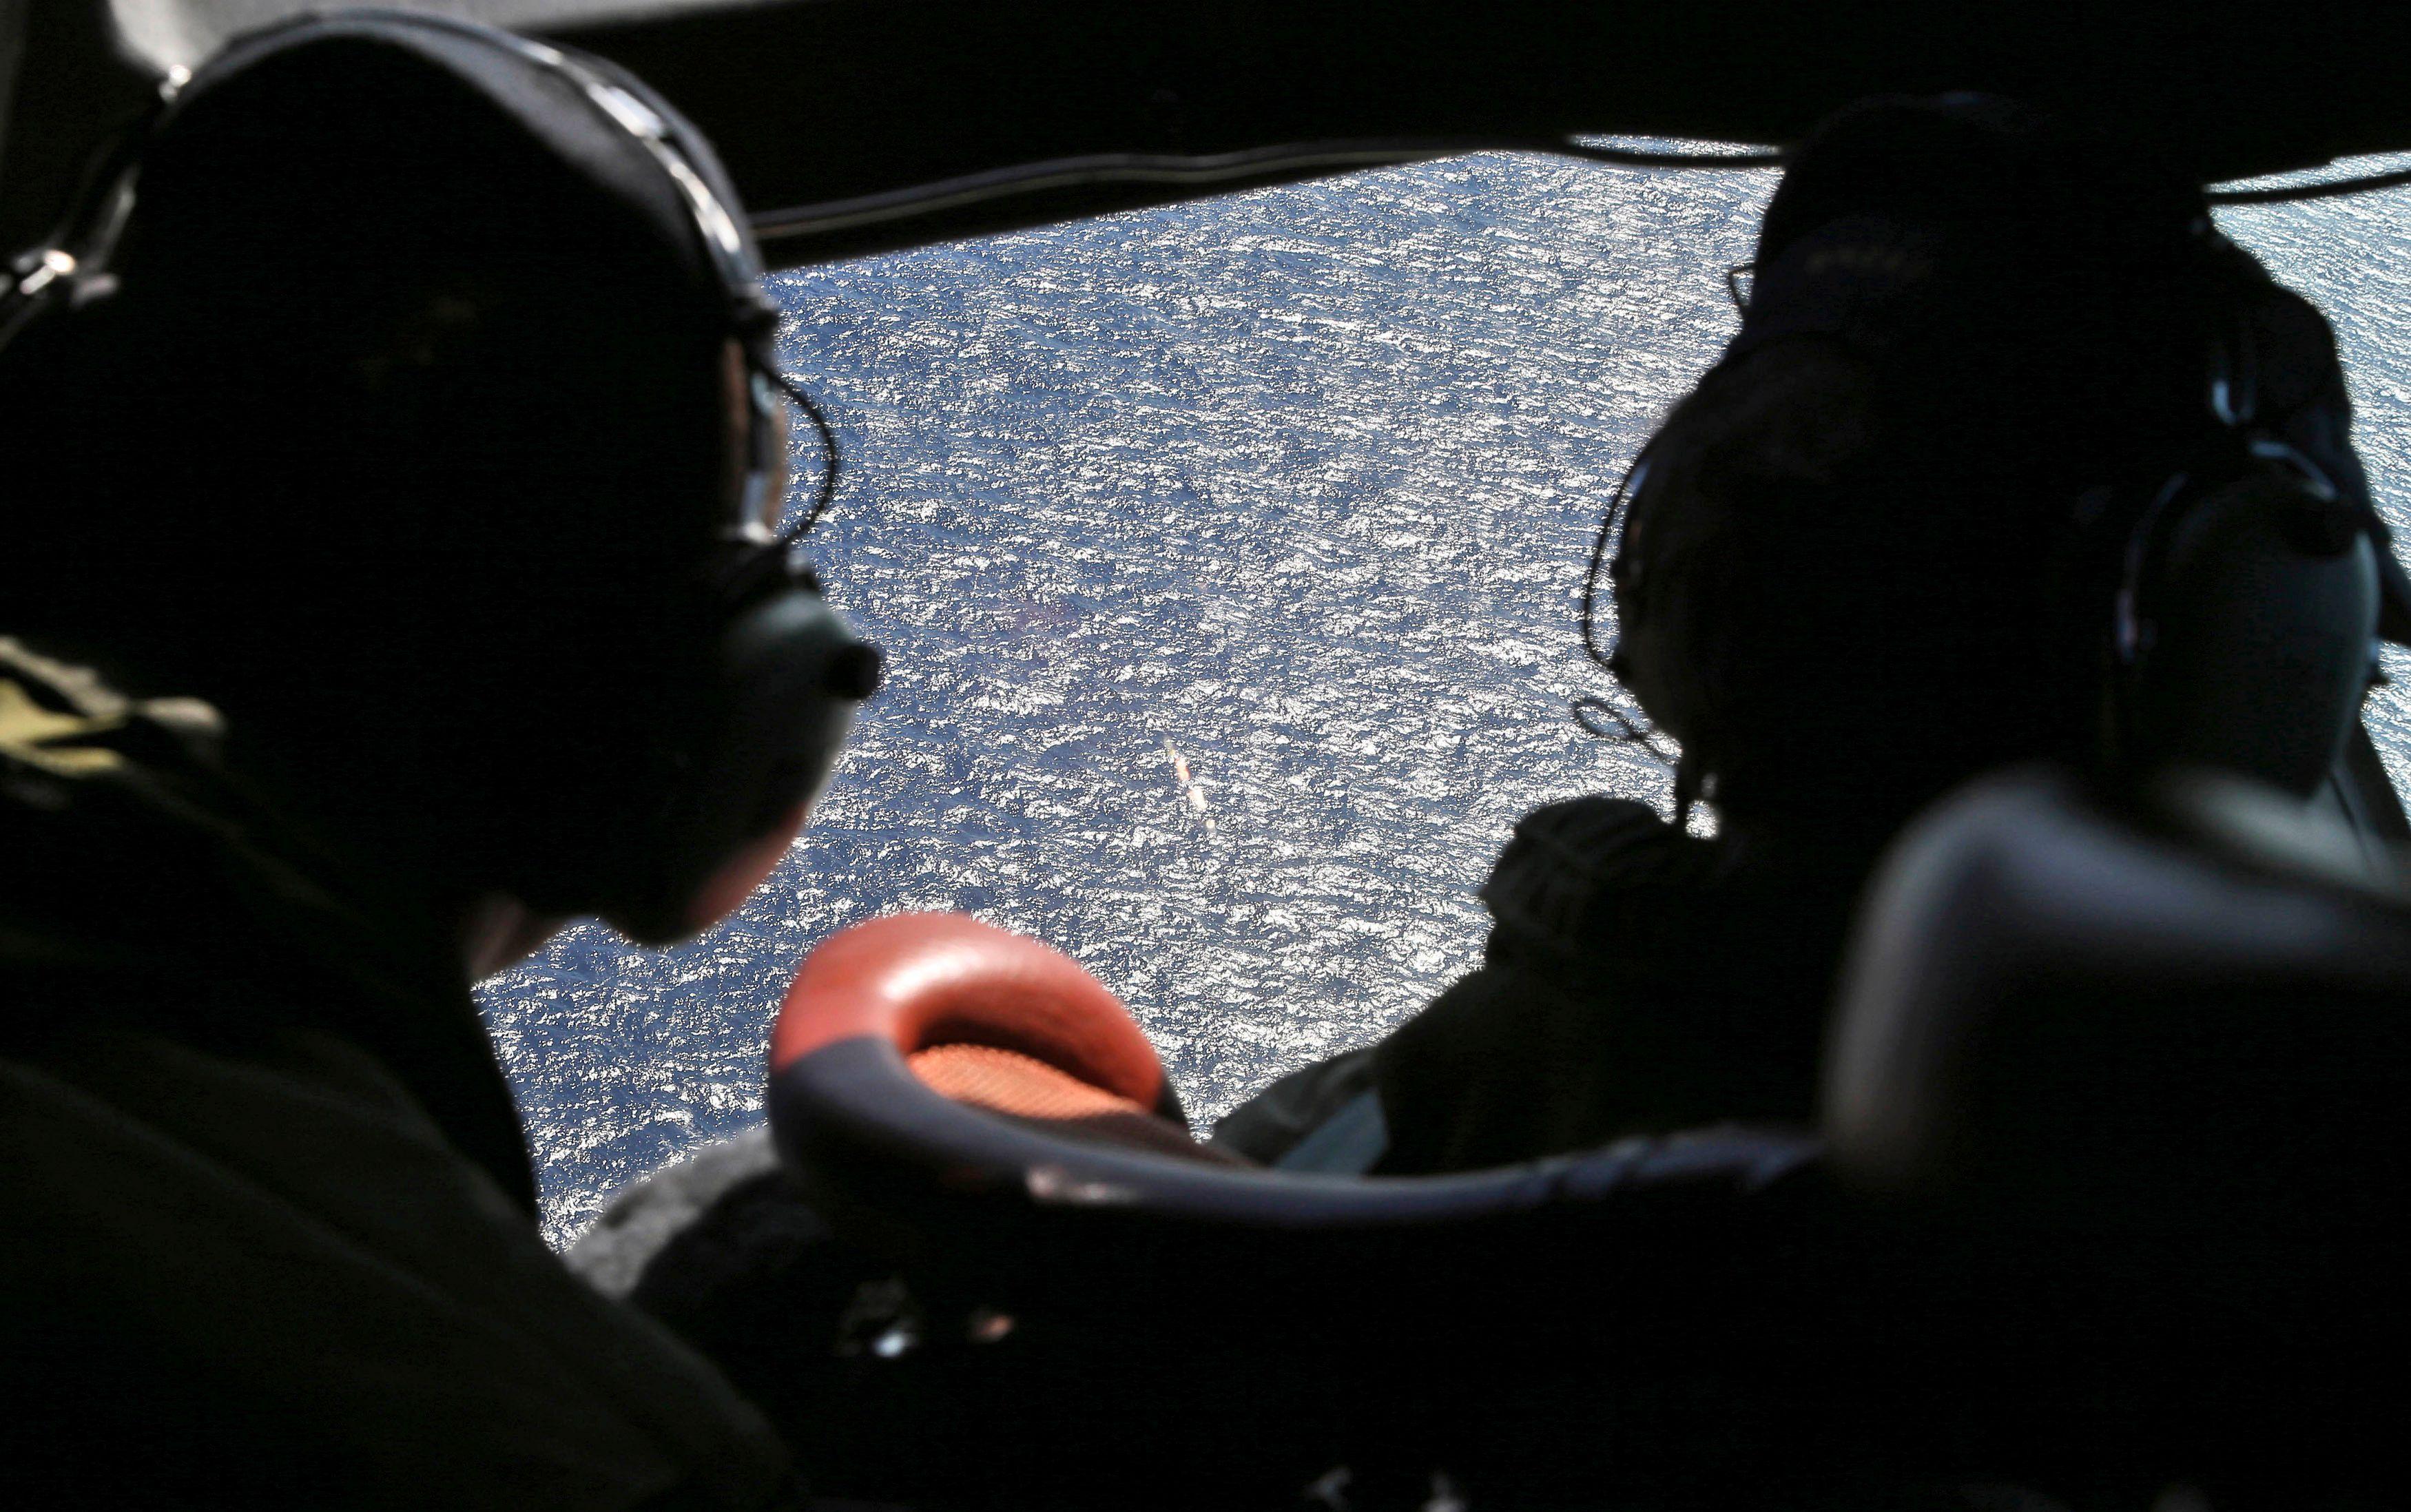 Vol MH370 : l'avion ne se trouve pas là où les enquêteurs cherchent depuis le début